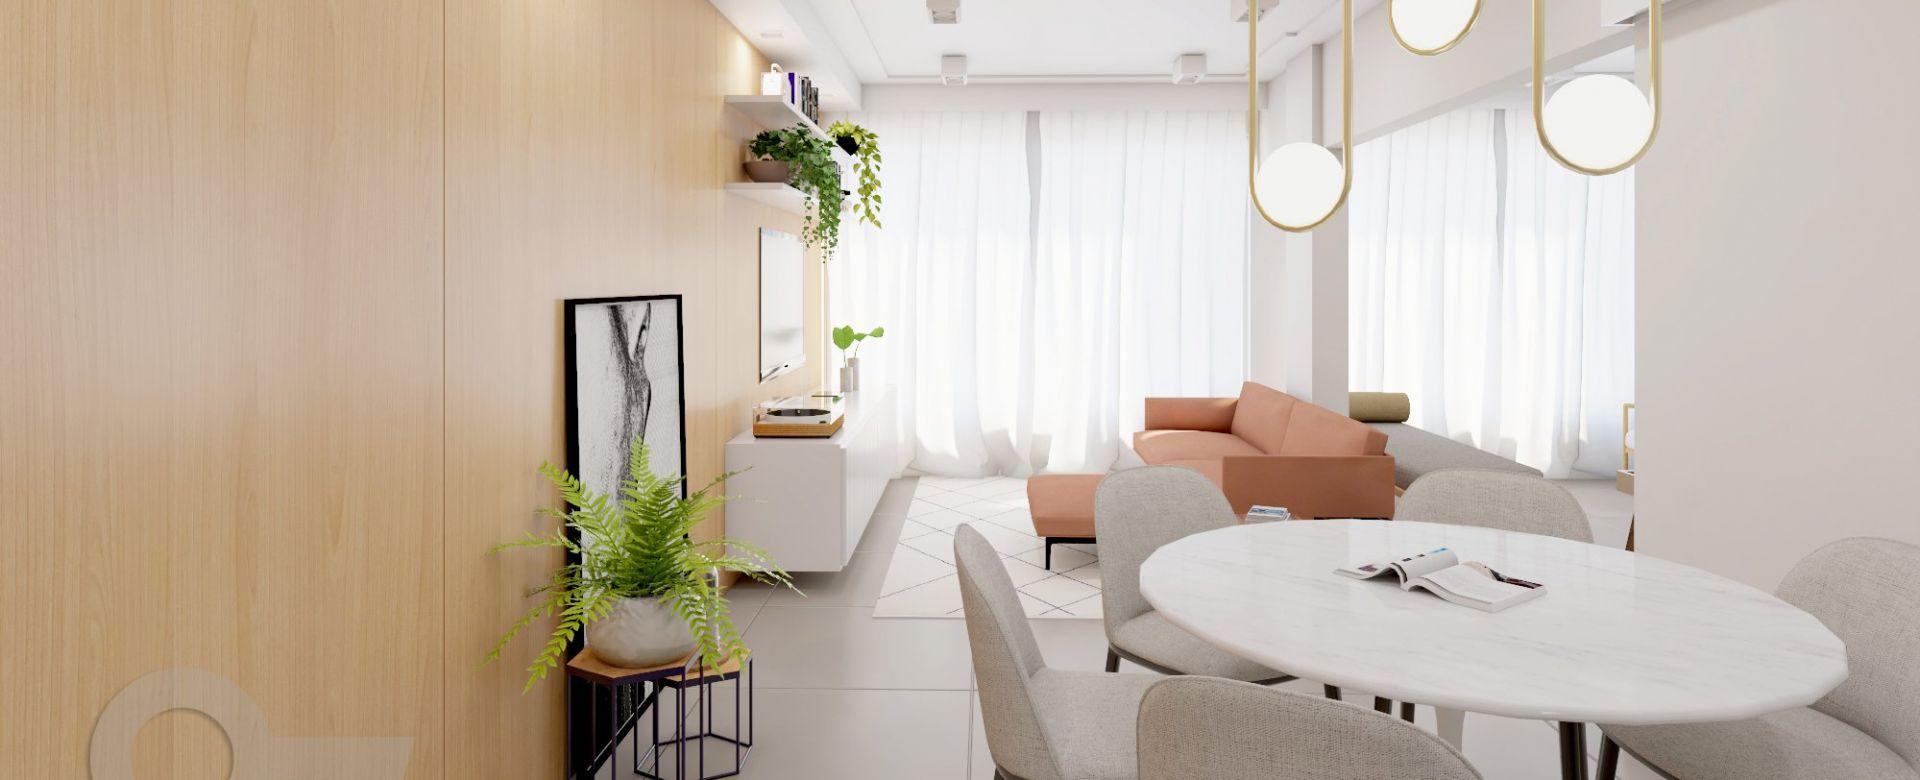 Imagem destaque do Edifício Leblon Apto 201